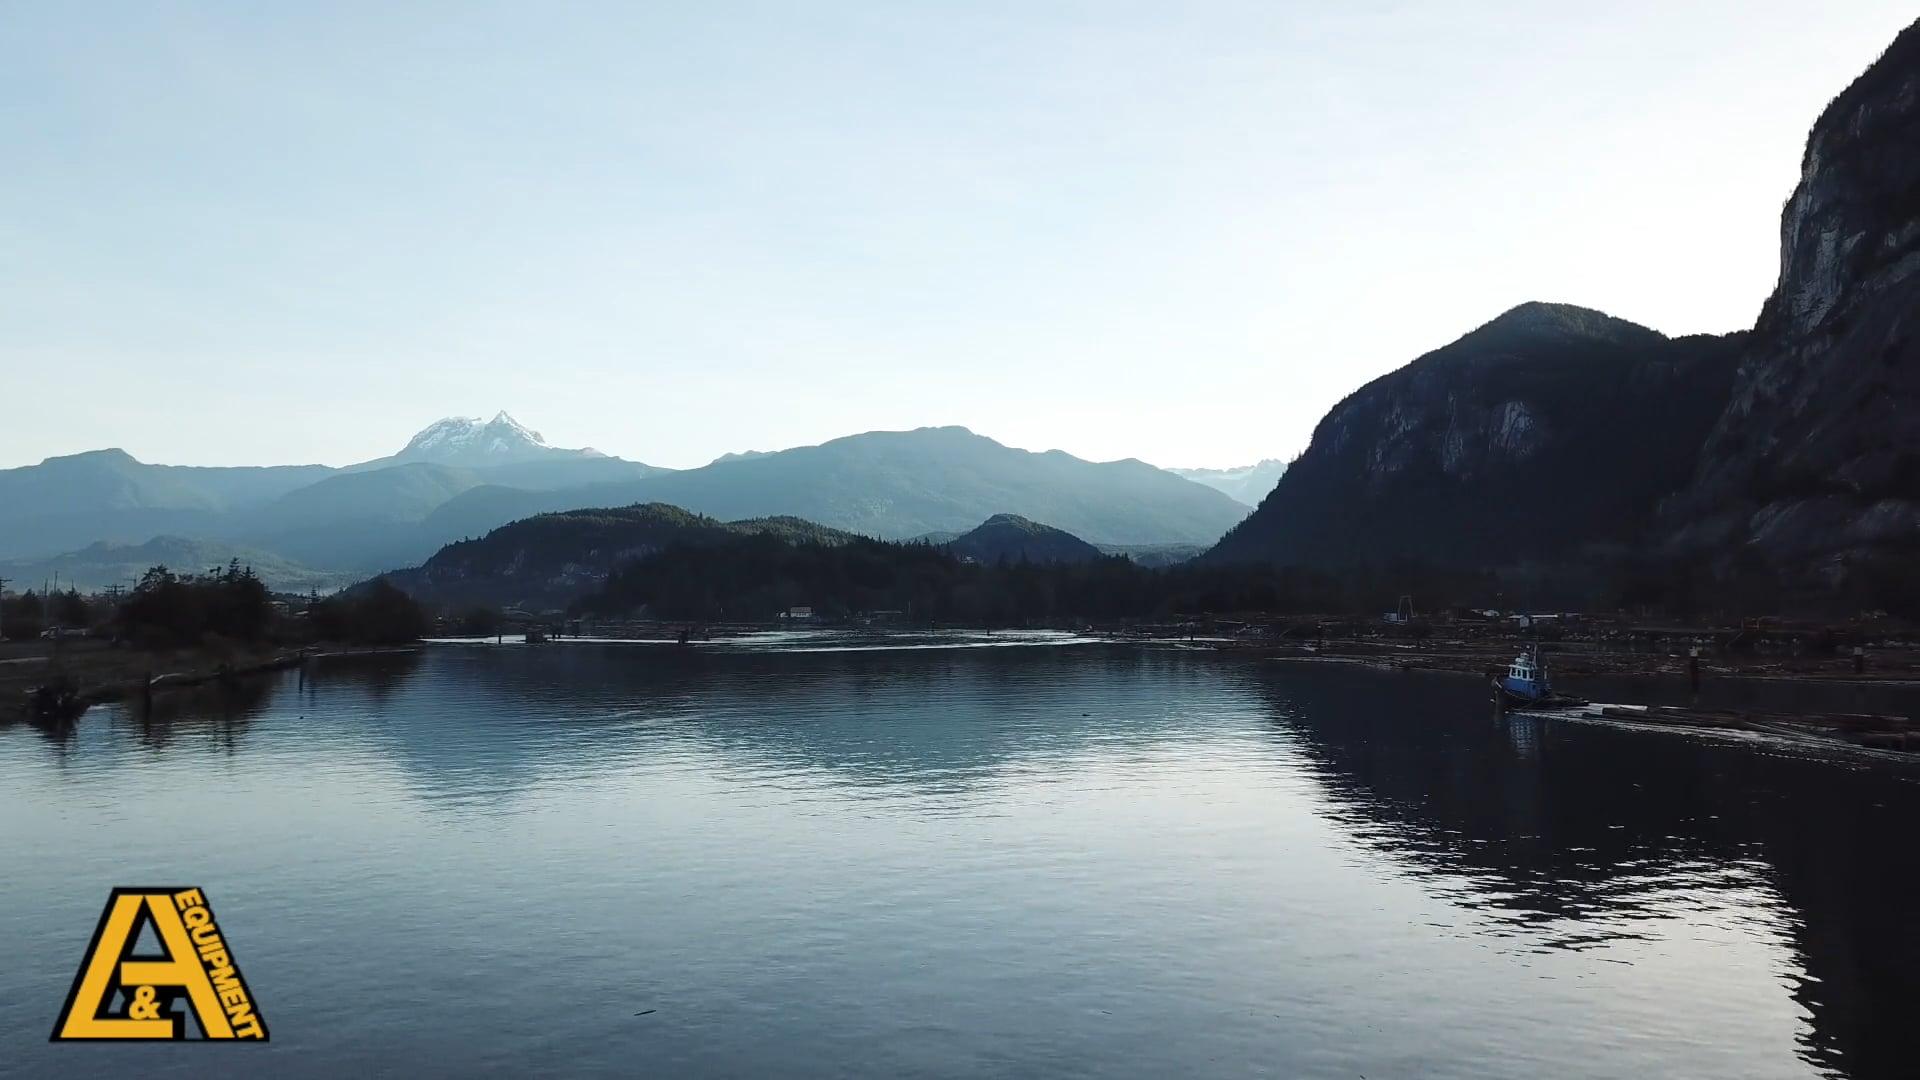 Oceanfront, Stawamus Chief, Squamish River Estuary, Industrial Park (Ventana), Garibaldi, Squamish, British Columbia